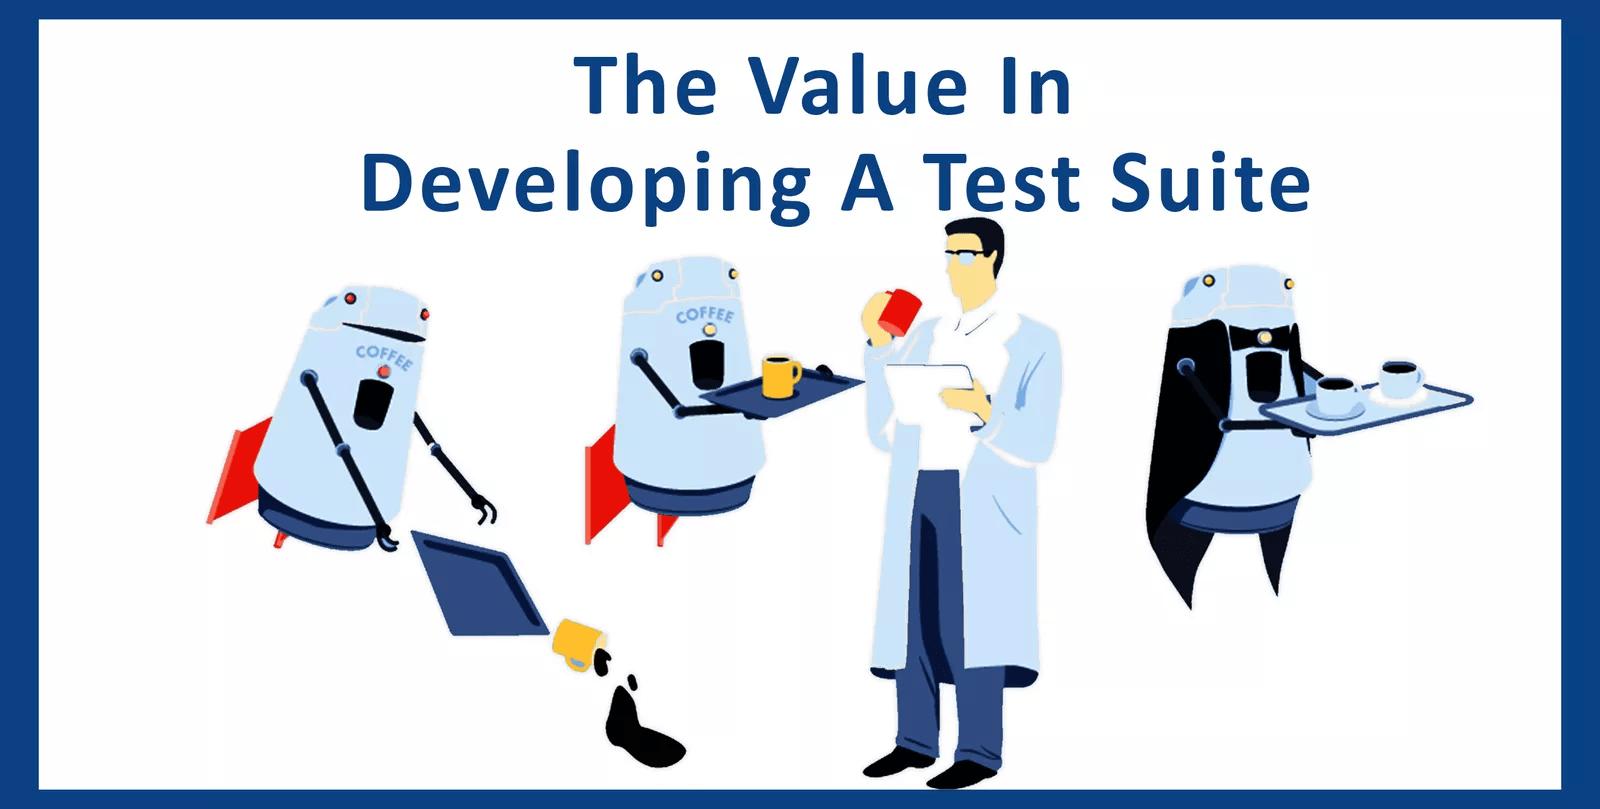 The Value In Developing A Test Suite | Raidan.com.au